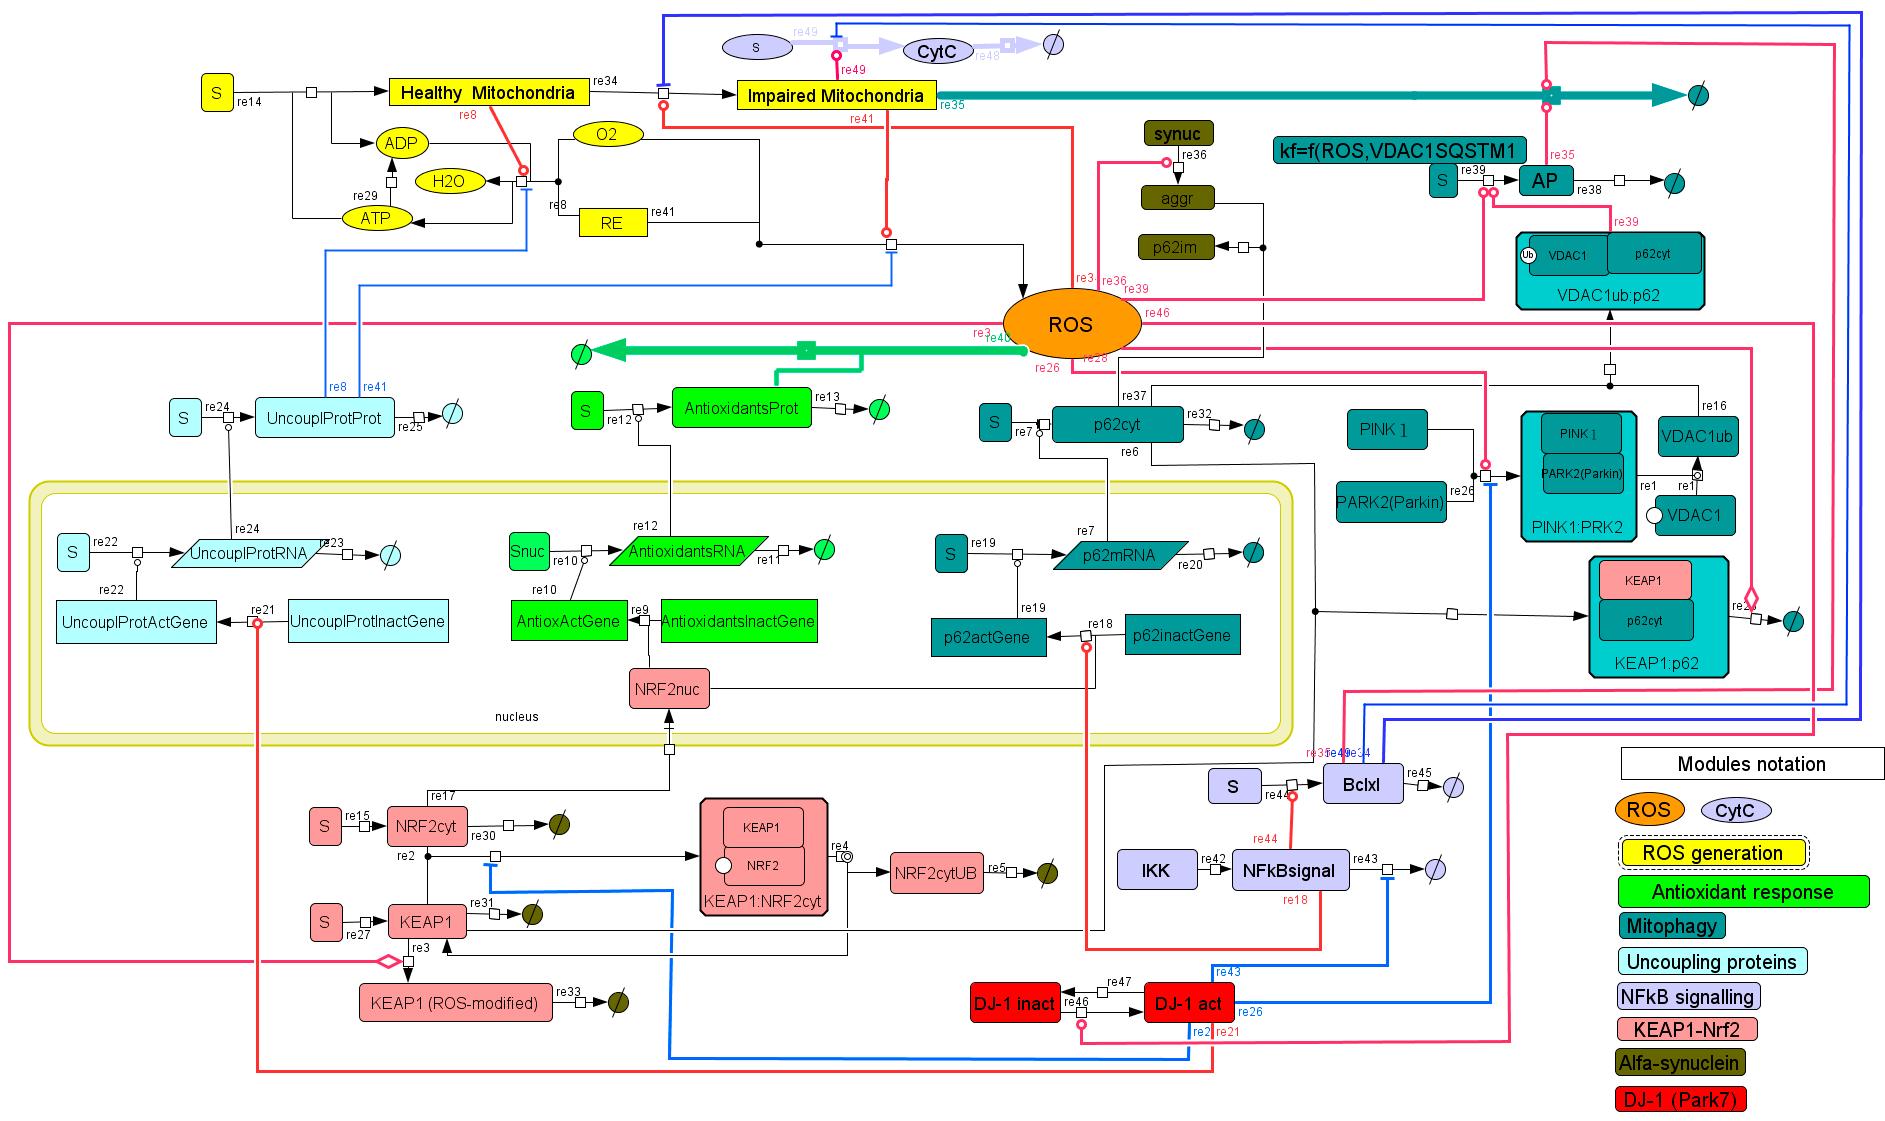 Схема регуляции АФК в клетке, включающая АТФ и ядро